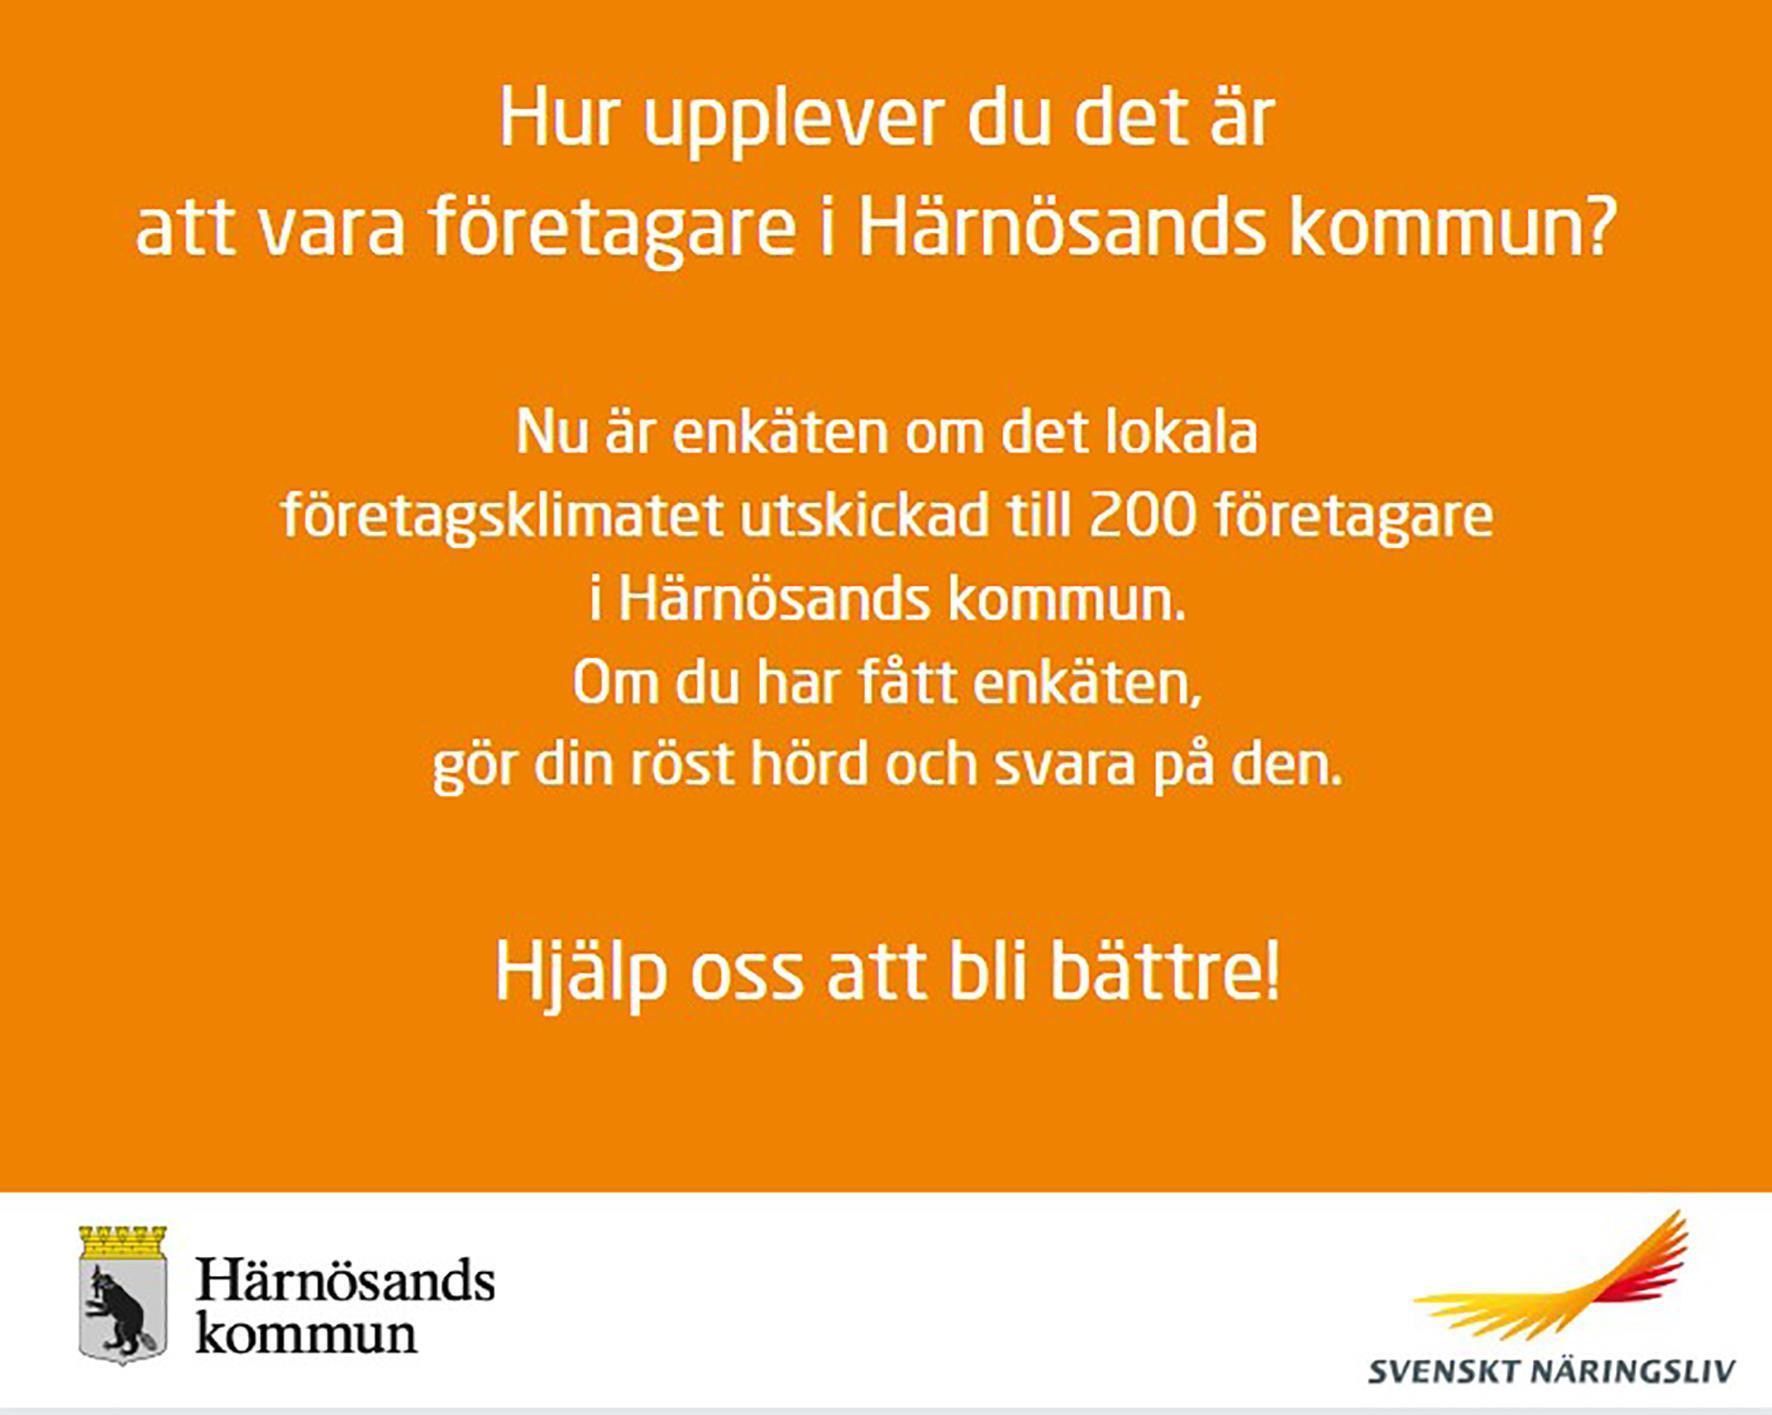 722 Svenskt n%c3%a4ringsliv enk%c3%a4t